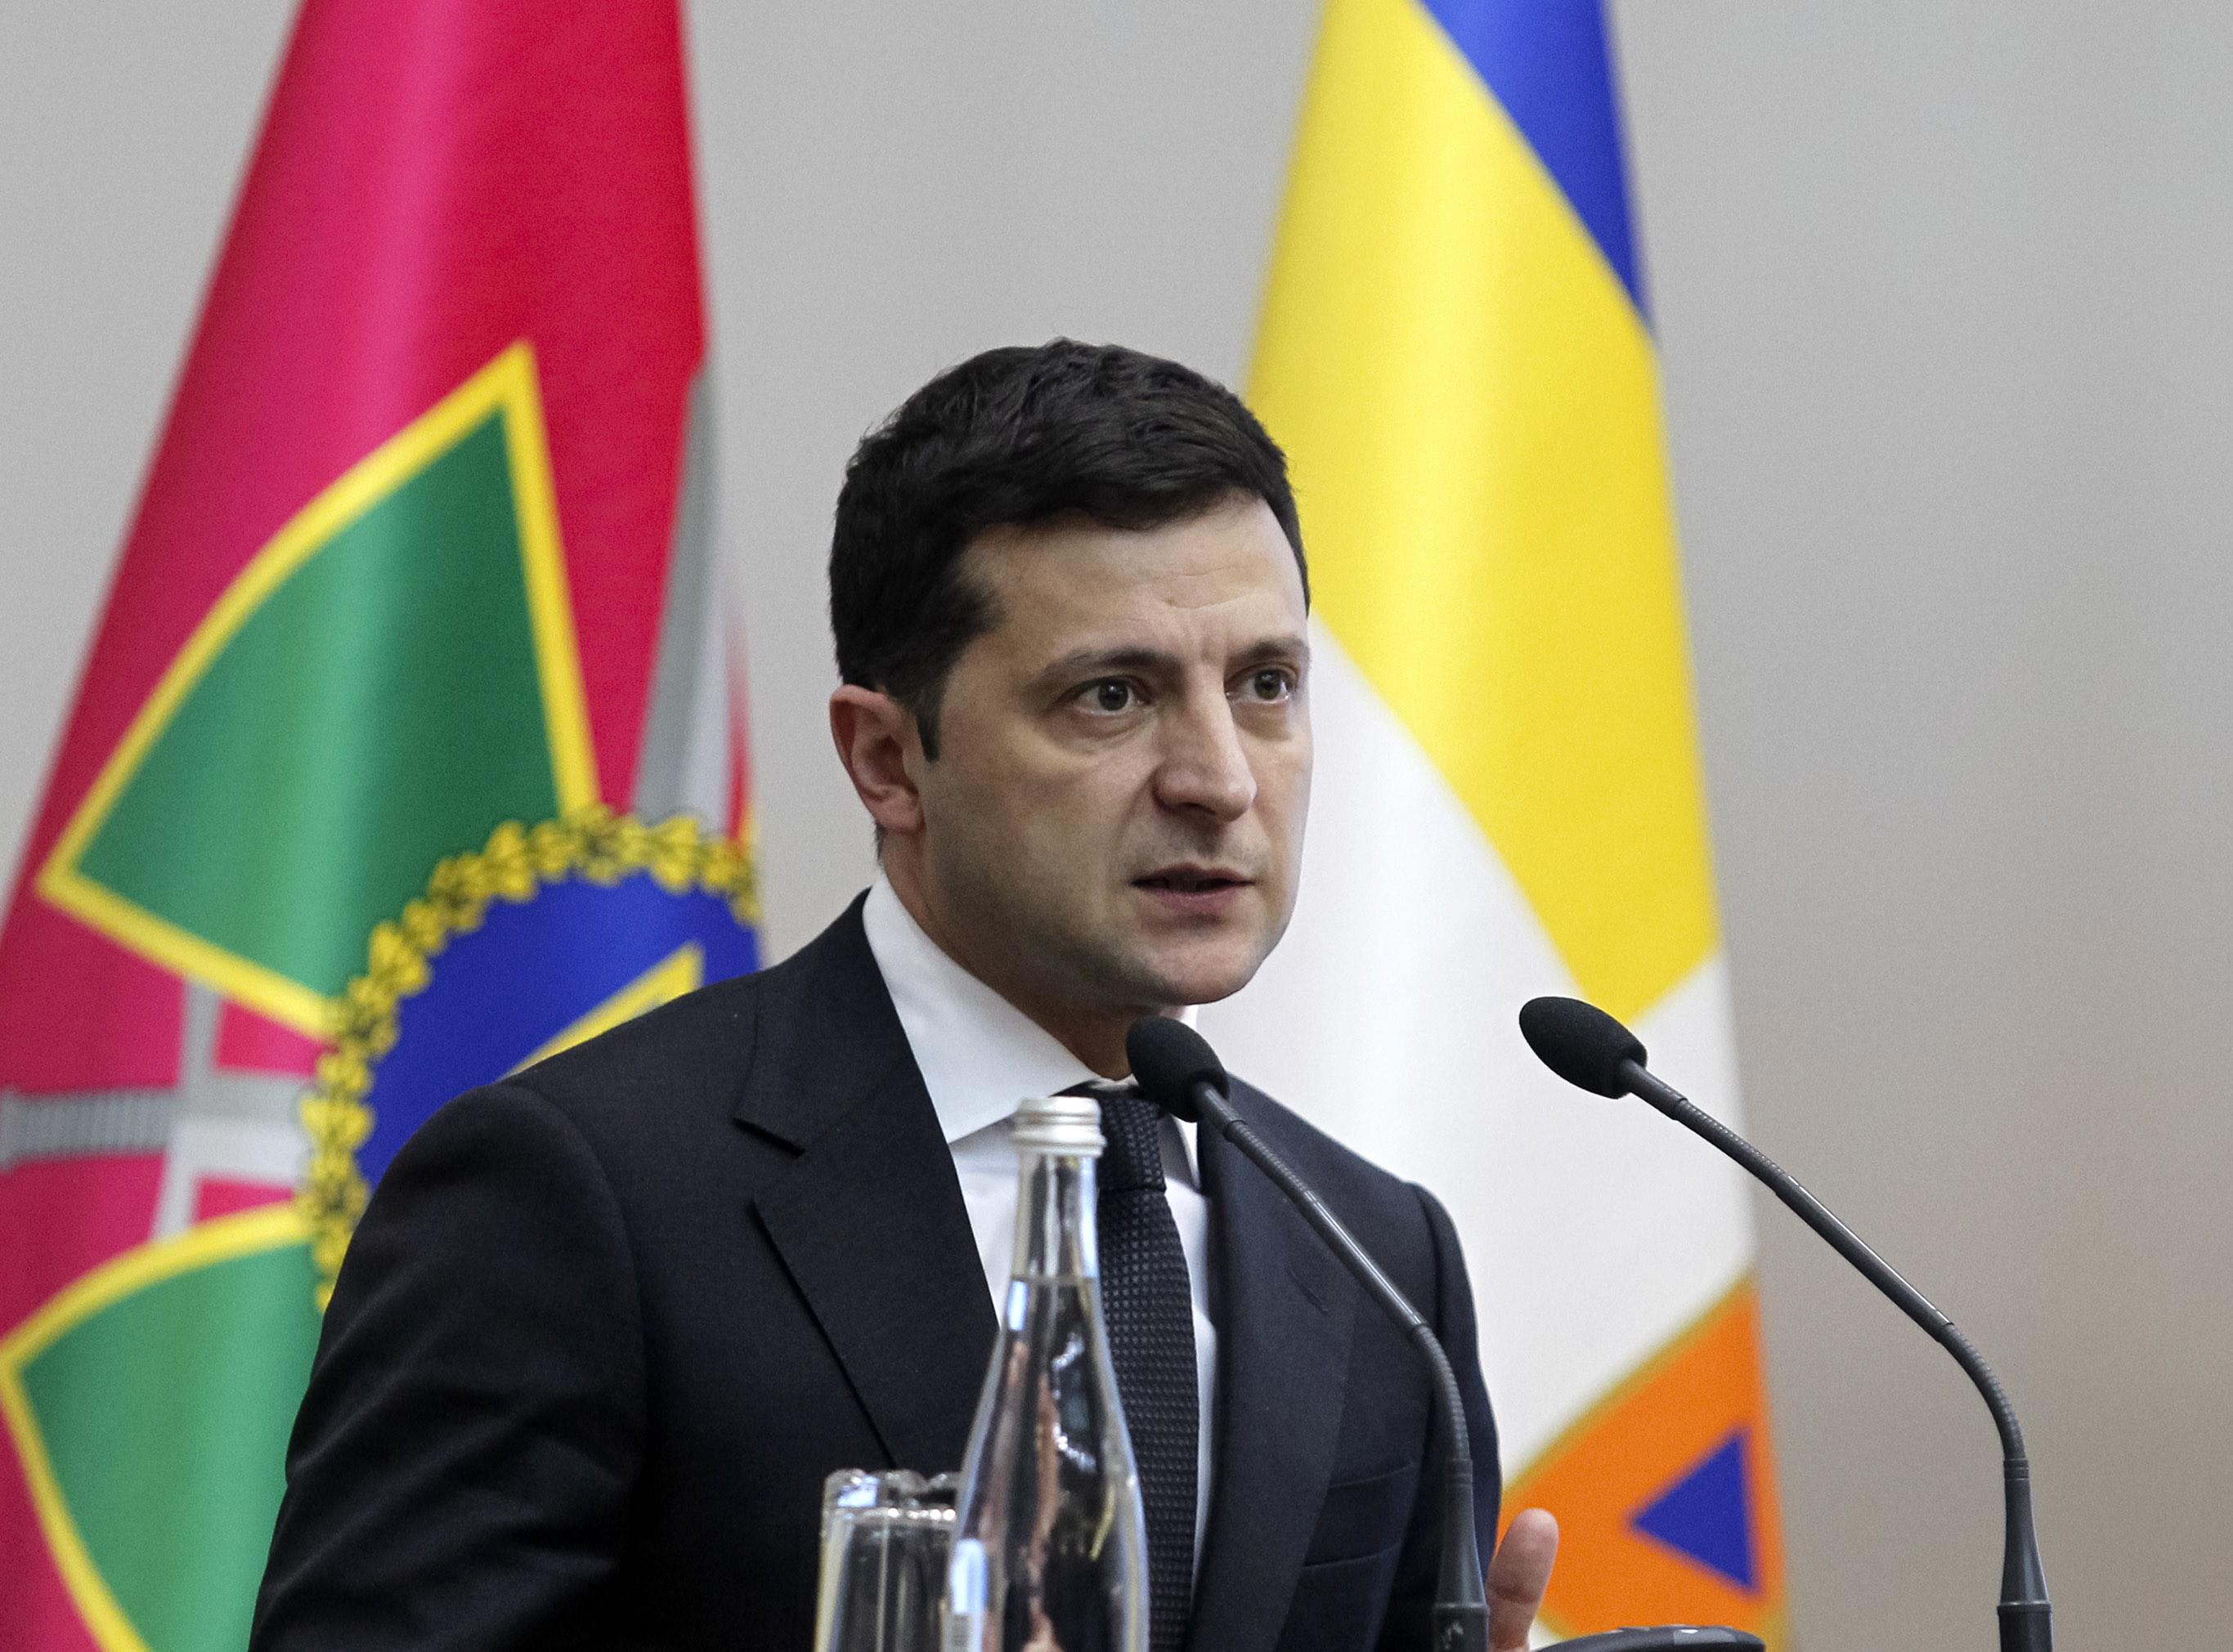 Preşedintele Ucrainei crede că există un ''atac informaţional'' împotriva vaccinului AstraZeneca